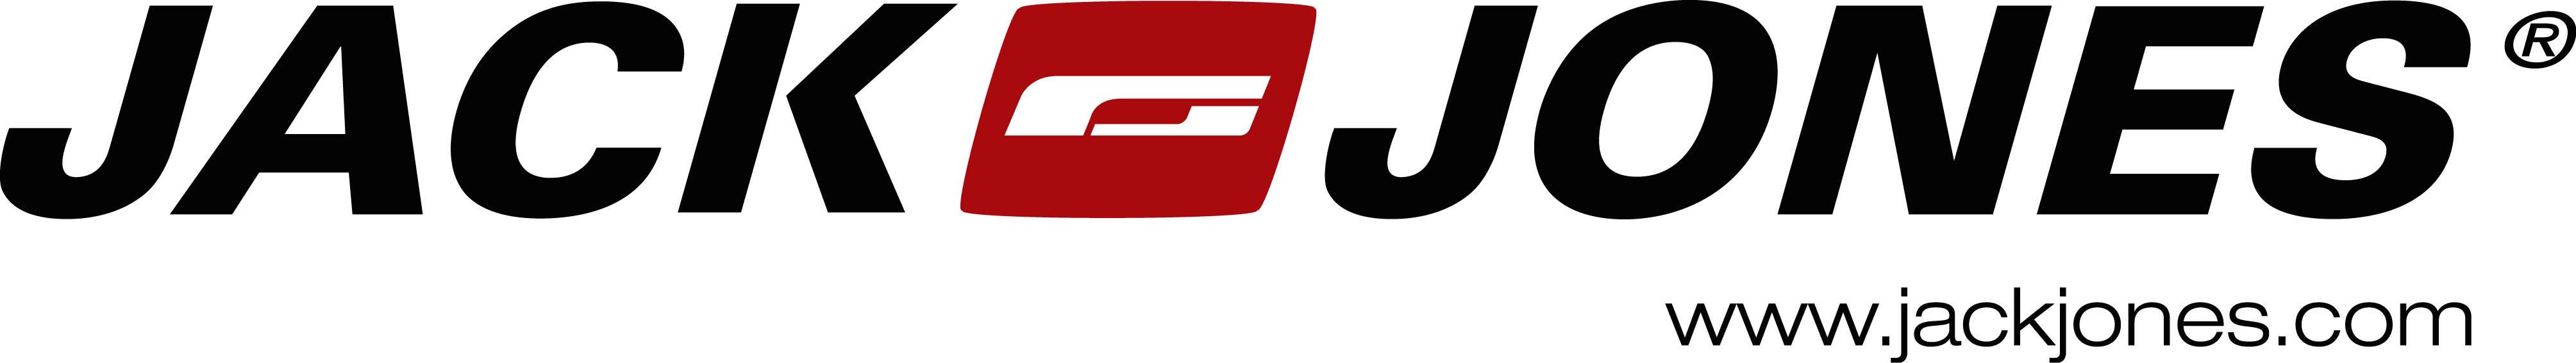 Sonderrabatt spätester Verkauf dauerhafte Modellierung Jack n jones Logos